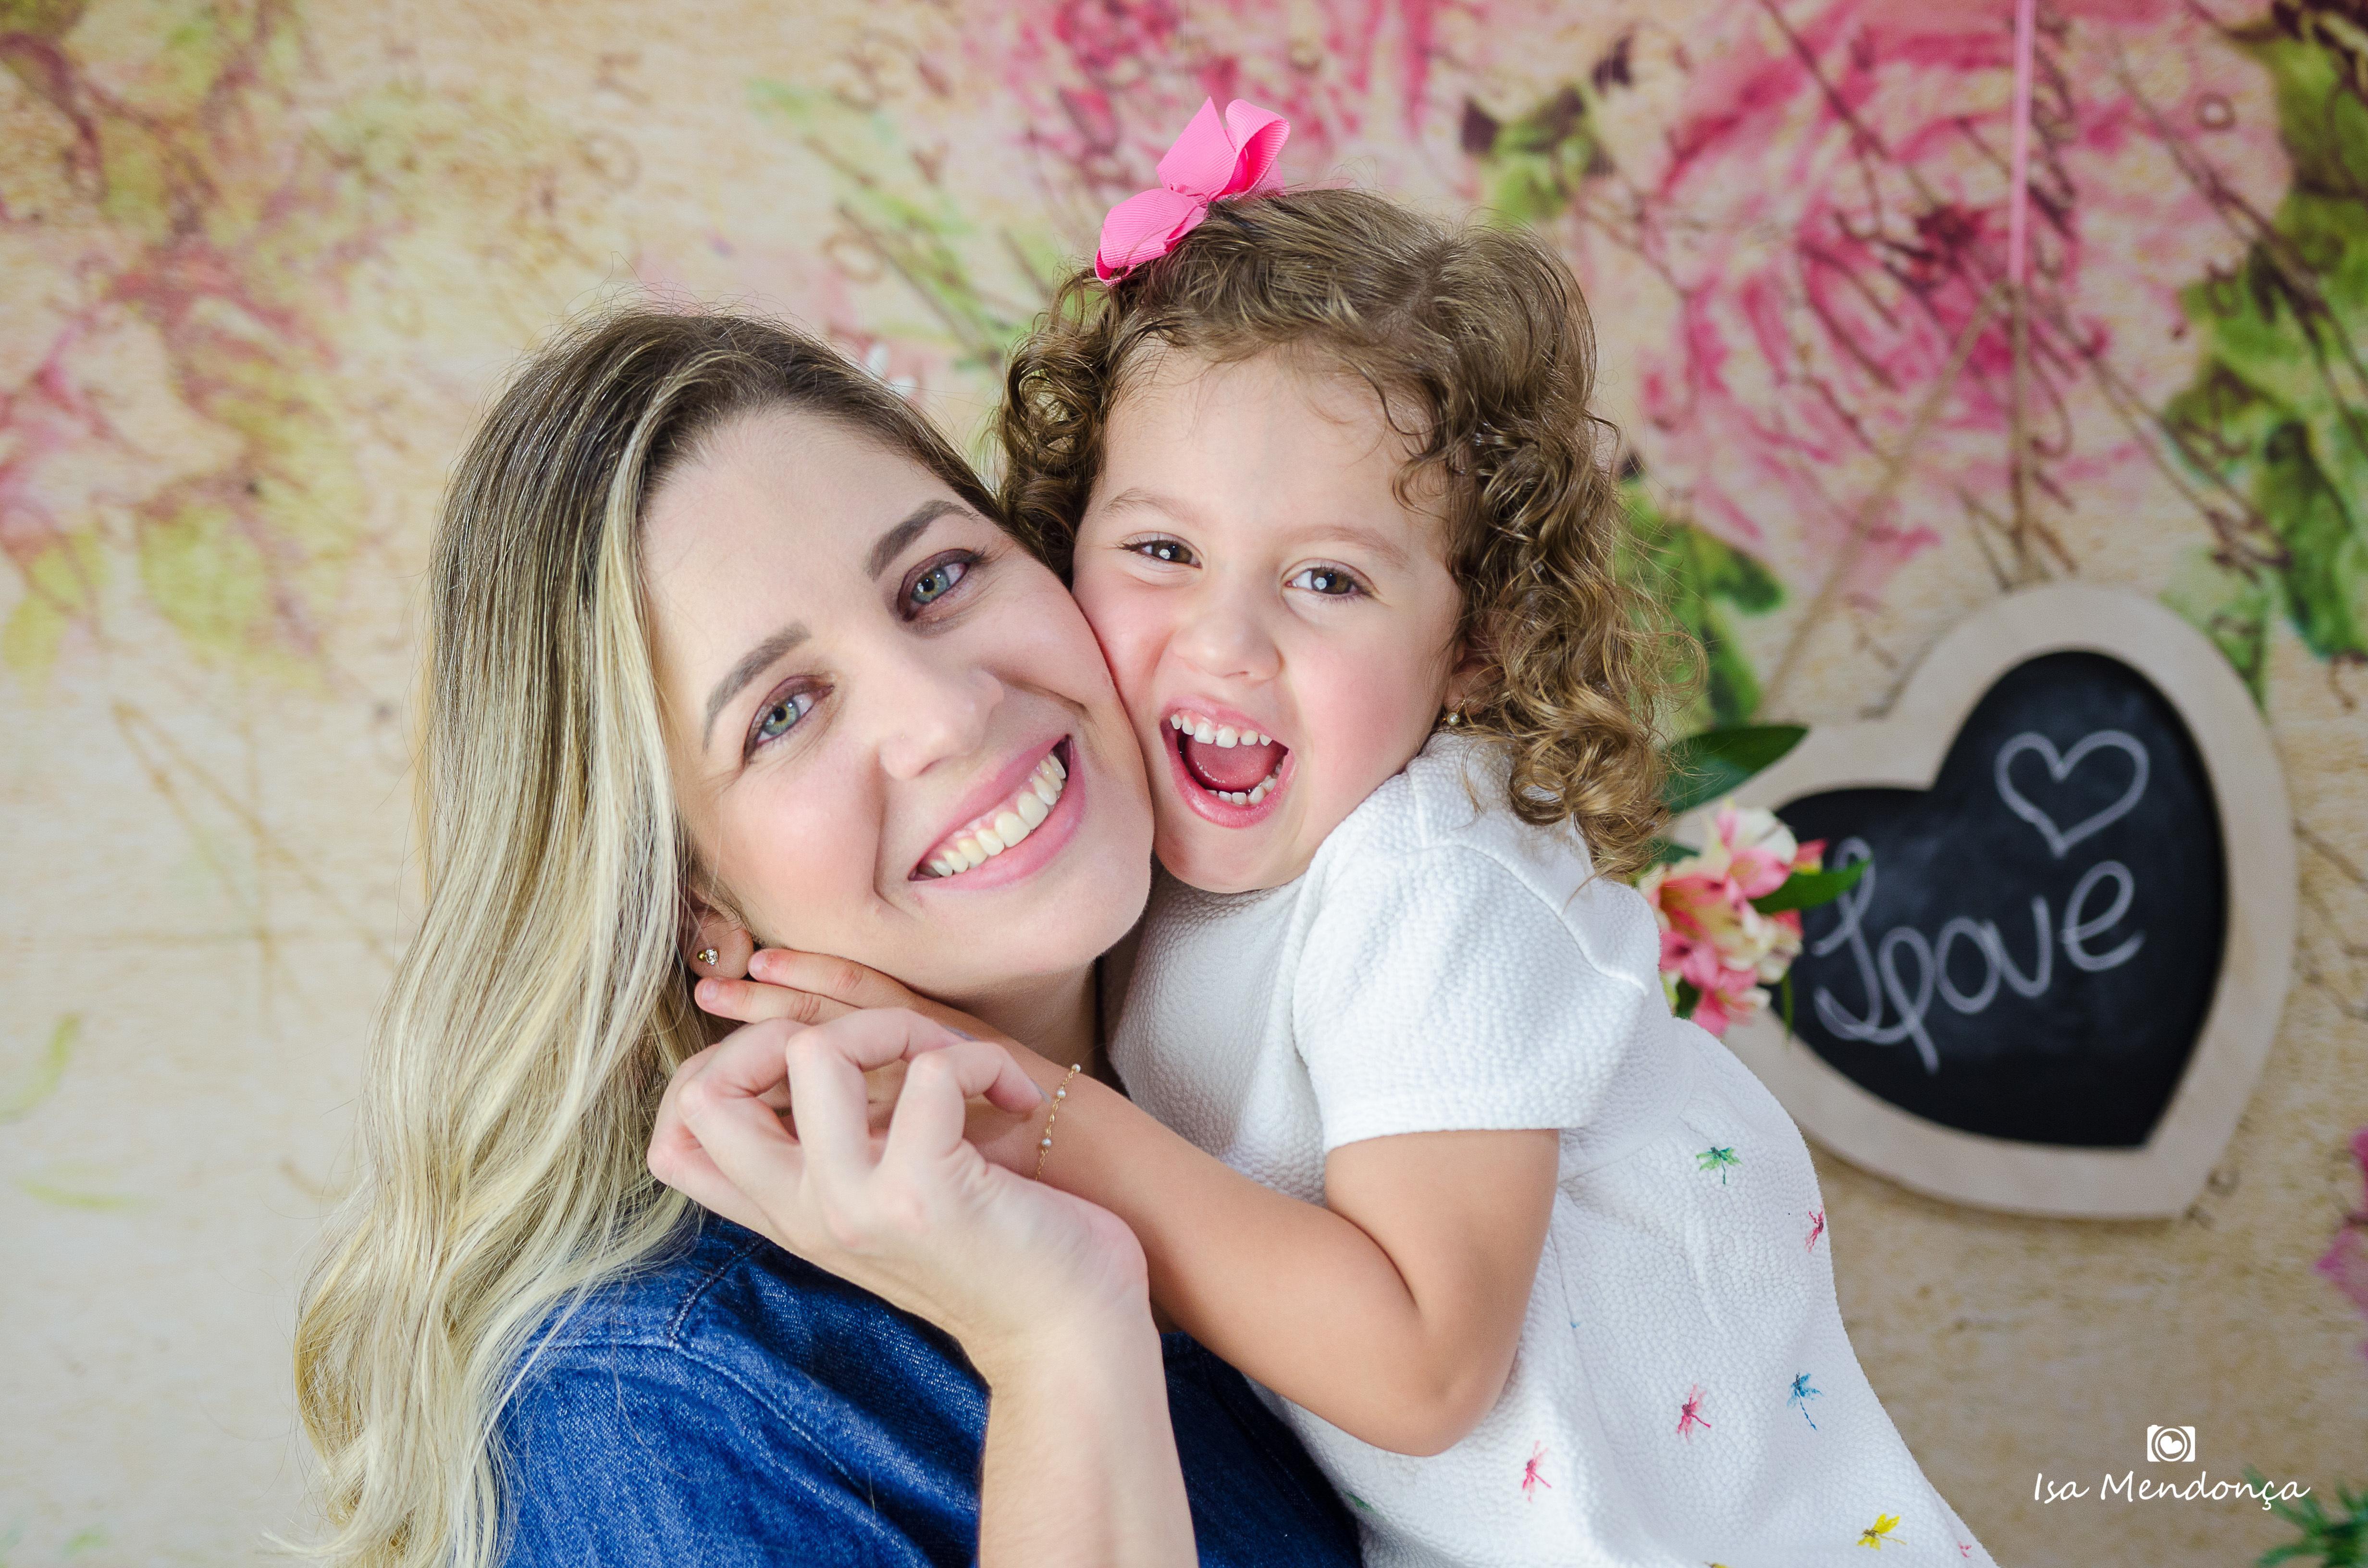 Sobre Isa Mendonça Fotografia, especializada em fotografia newborn, partos, acompanhamentos, gestante Rio Branco - Acre / Maria Isabella Mendonça